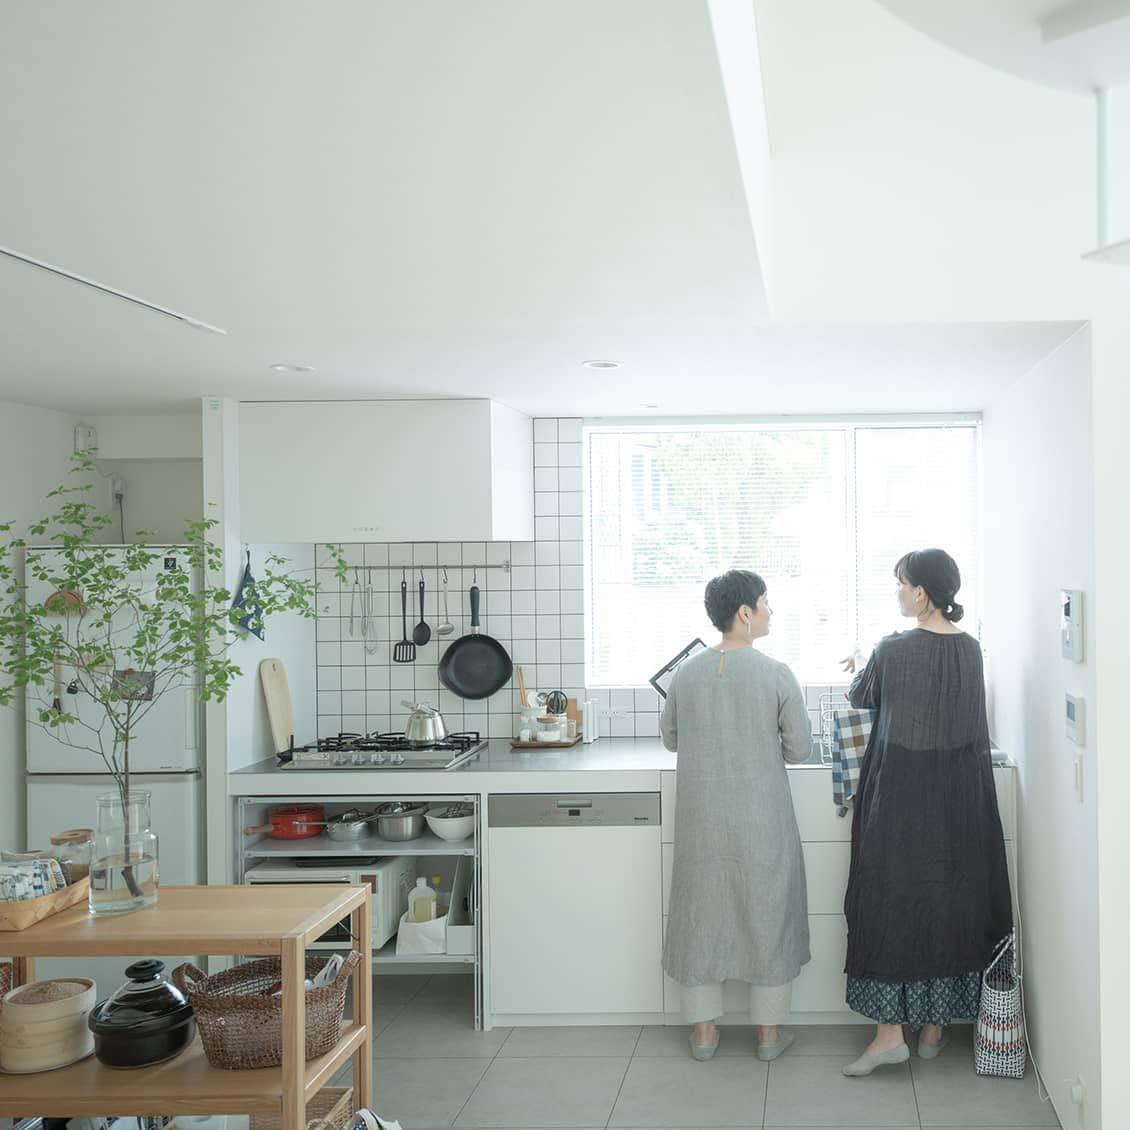 【マイペースな家づくり】第2話:リビングからキッチン、書斎まで。初めから完璧を目指さないインテリア